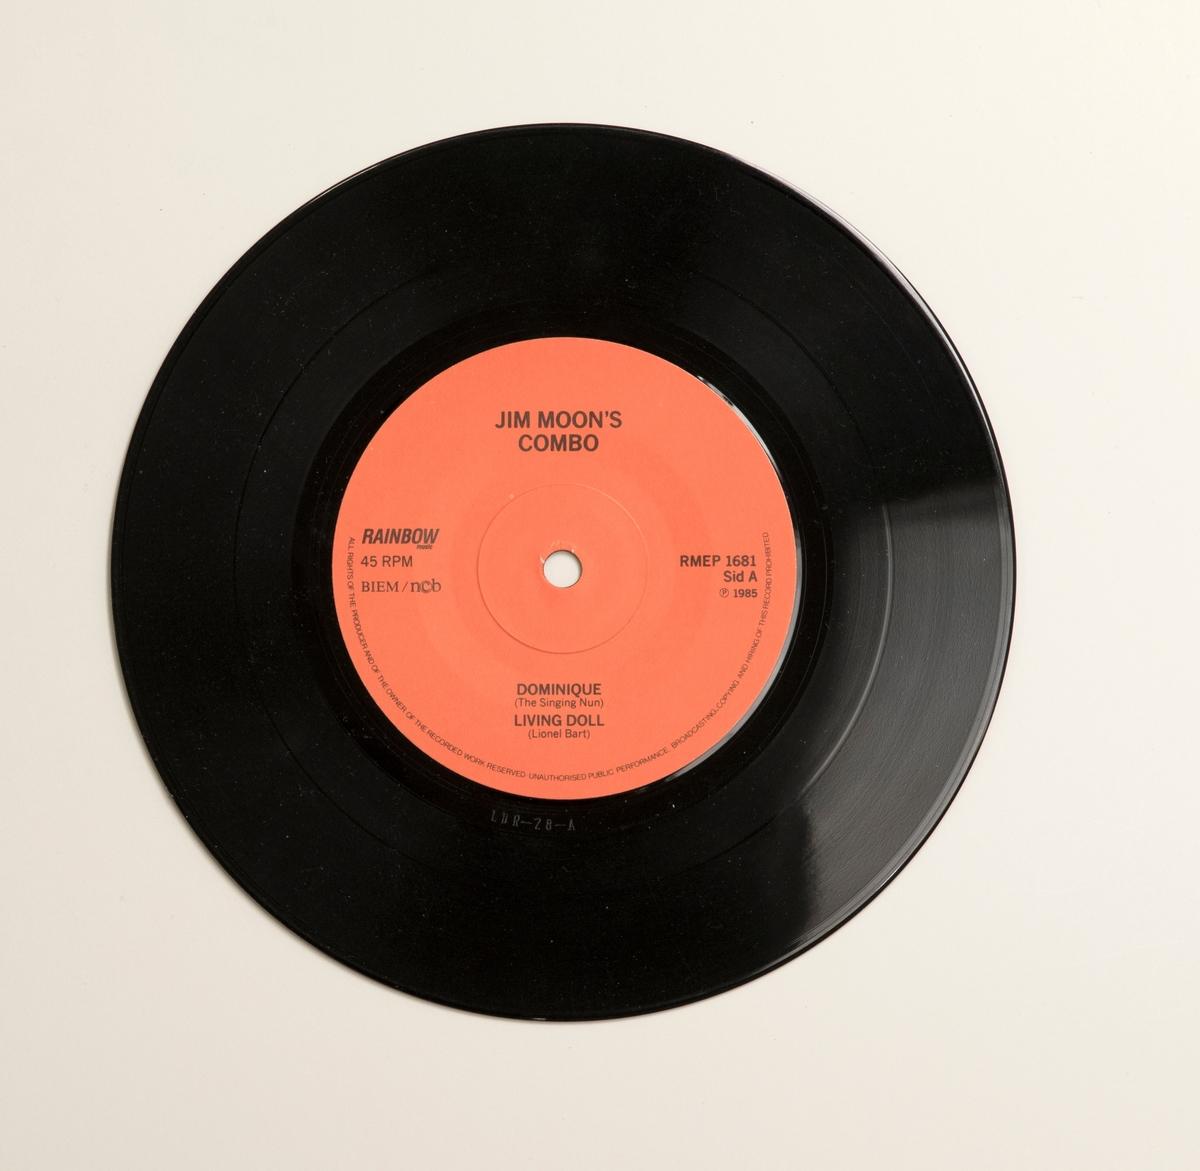 """EP-skiva av svart vinyl med röd pappersetikett, i omslag av papper. Omslagets framsida har ett svart-vitt fotografi av bandet, och märkning """"LdR Records"""". På omslagets baksida finns låttitlarna, och uppgift """"VOL. 10"""".  Innehåll Sid A: 1. Dominique 2. Living doll Sida 2: 1. Yoy'll break my heart 2. Occarina polka  JM 55358:1, Skiva JM 55358:2, Omslag"""